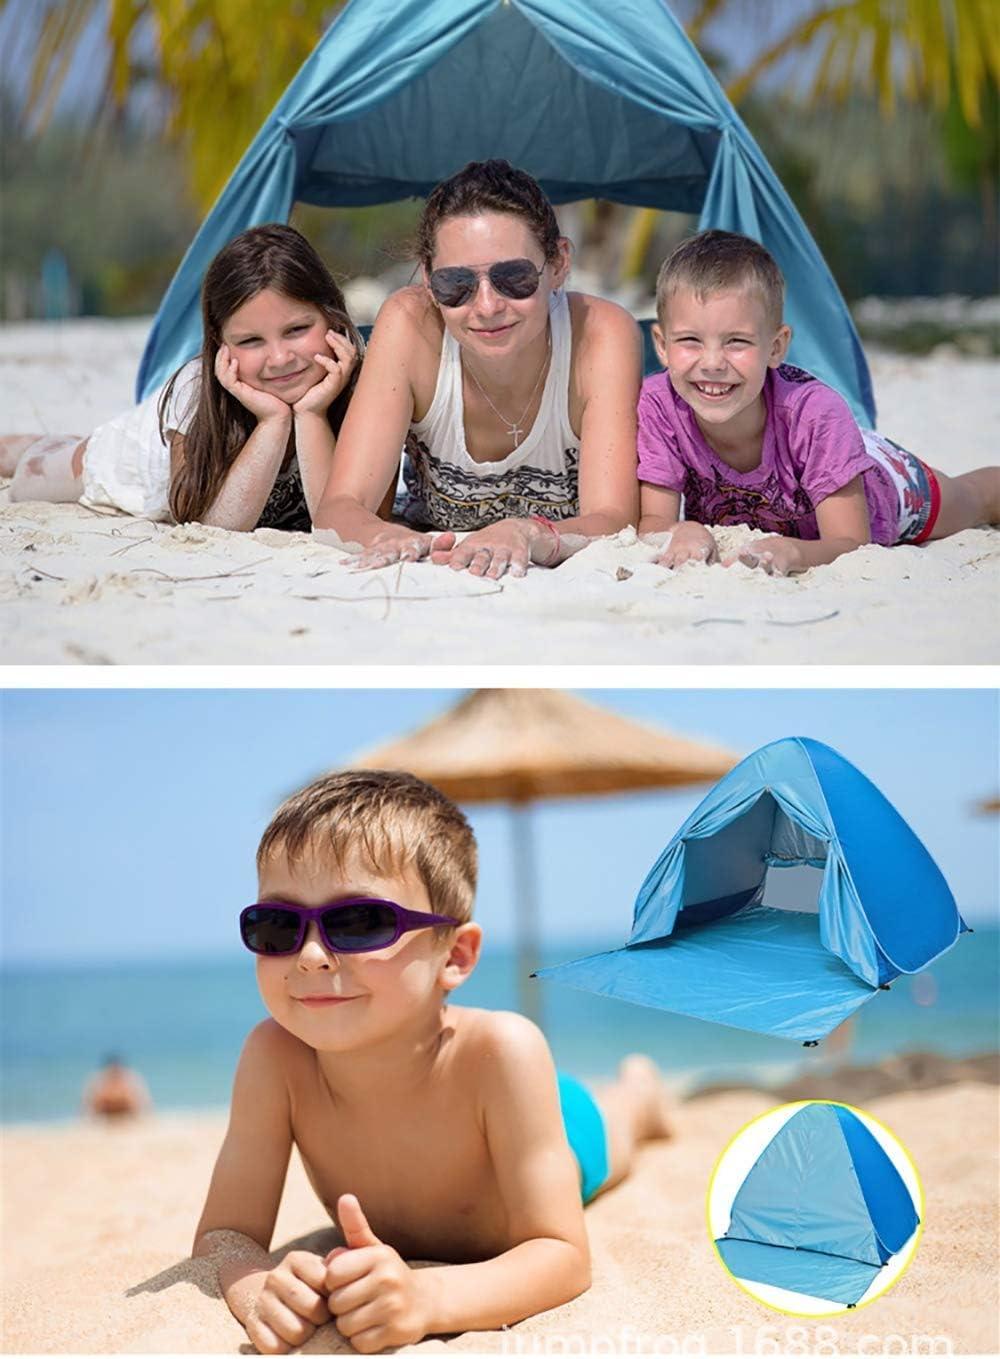 JDK Tienda de Playa automática para 2 Personas, fácil de Plegar, Sol con protección Impermeable UV UPF 50+ C